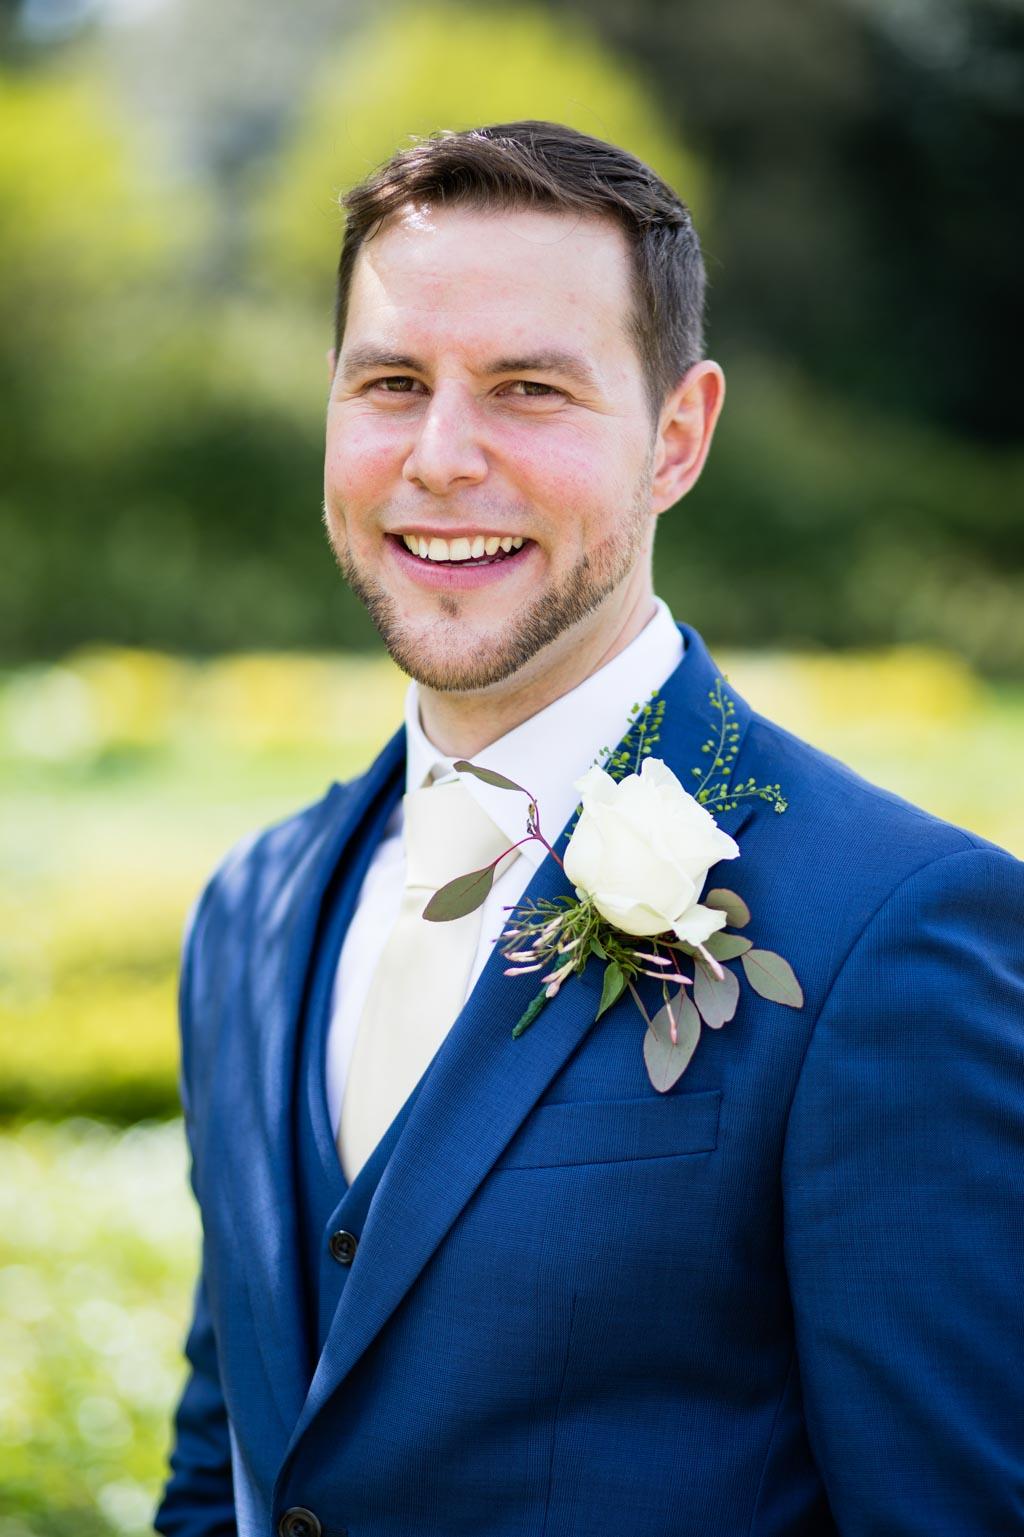 groom portrait wearing navy three-piece suit